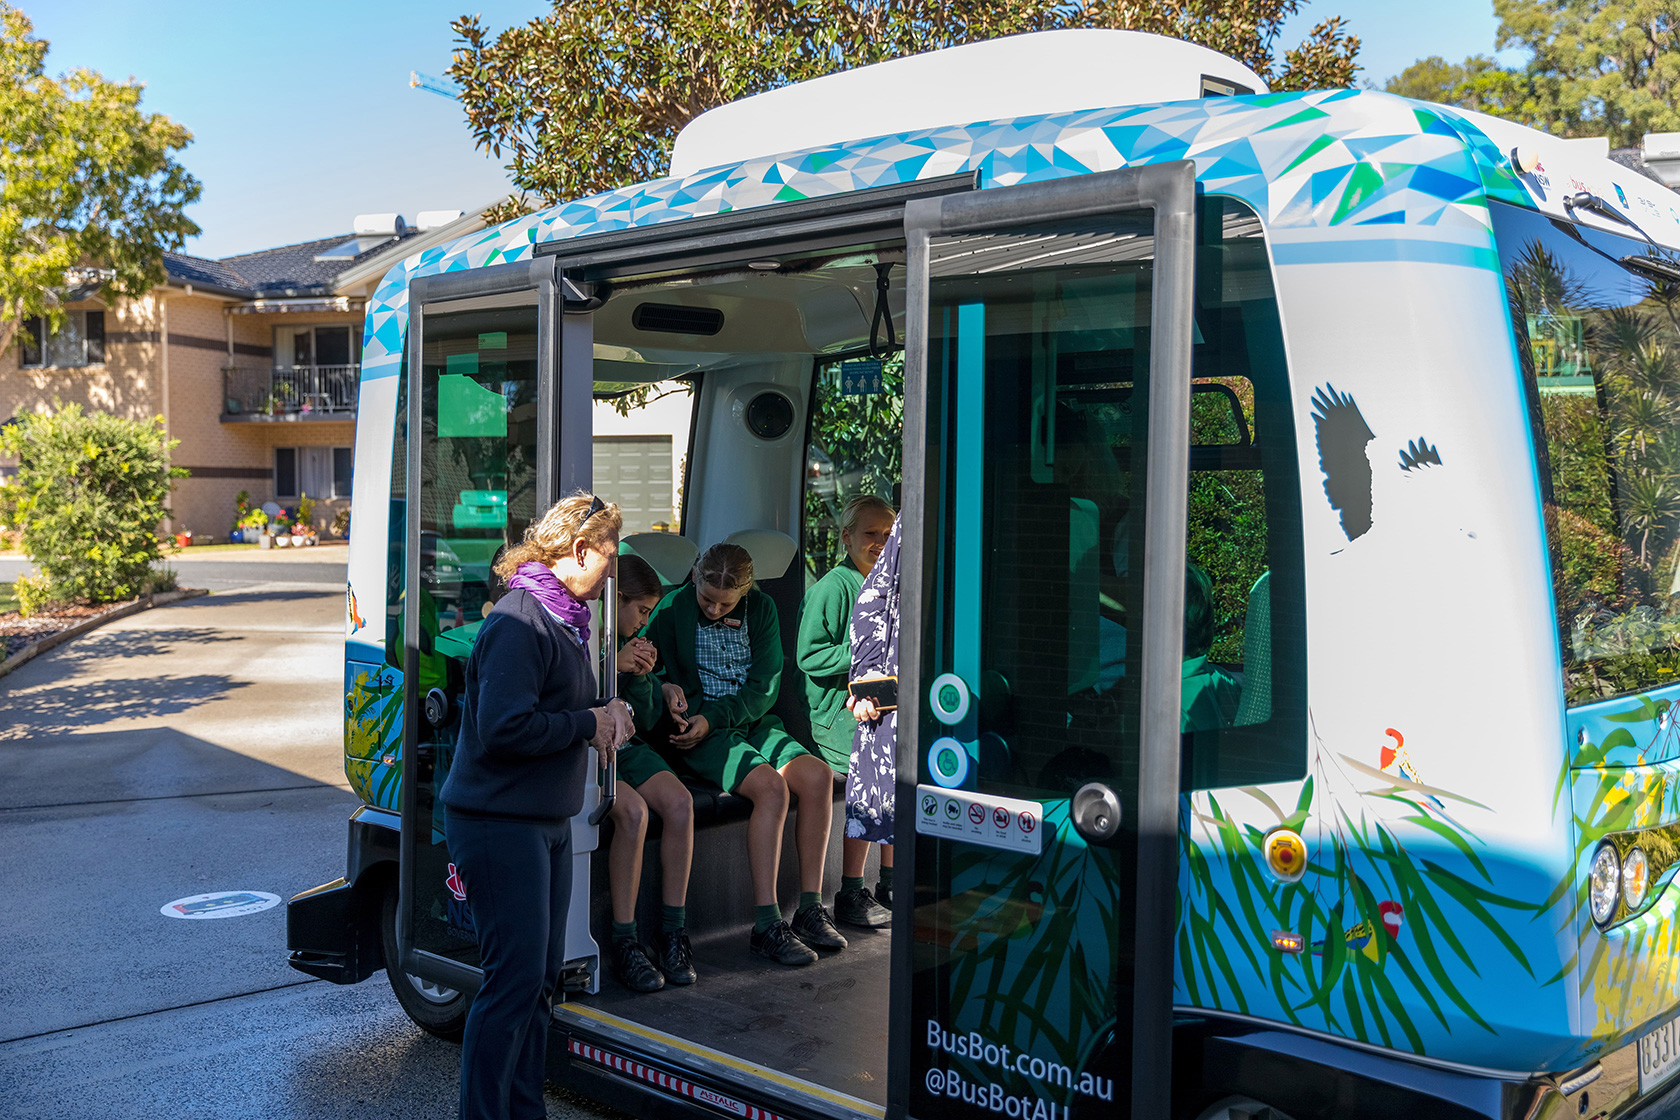 آغاز به کار اتوبوسهای بدون راننده در نیوساوت ولز